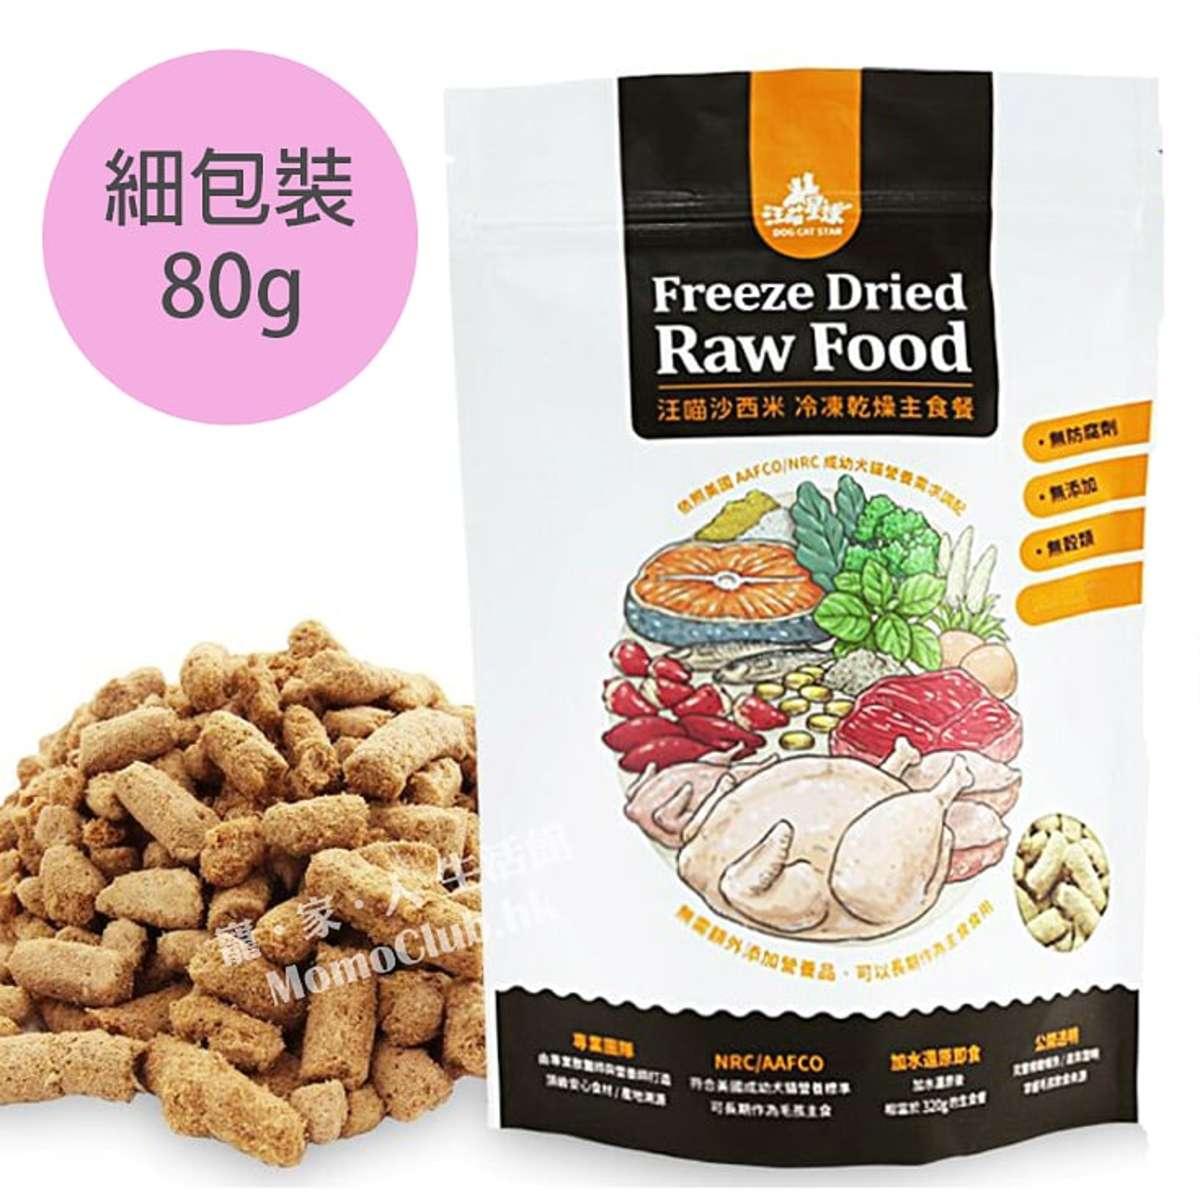 貓咪冷凍乾燥生食餐 (草飼牛) 80g